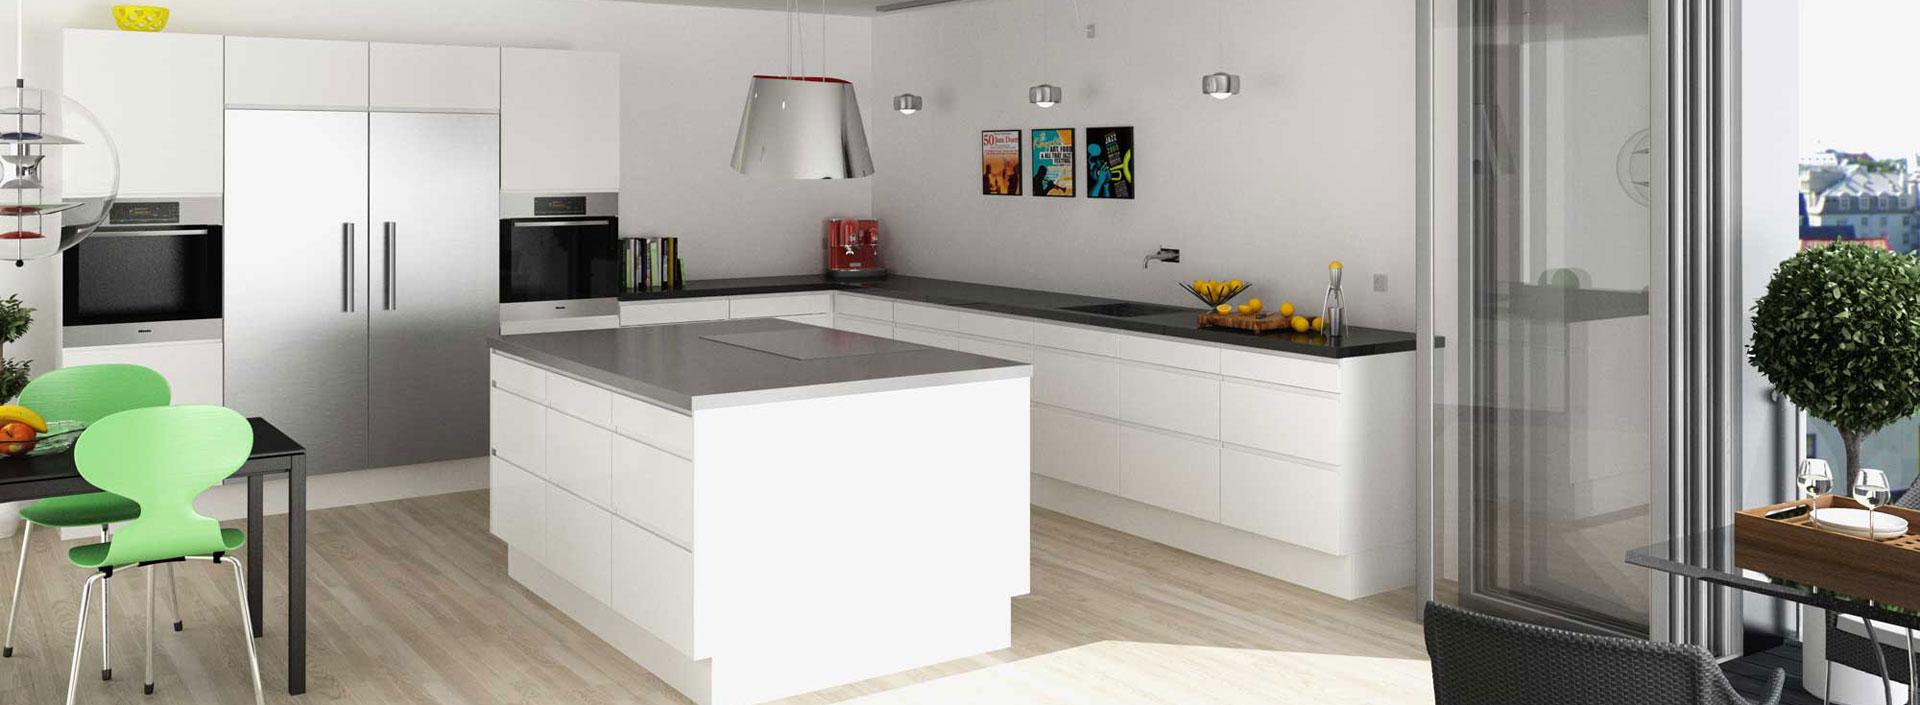 Kimbrer modulkøkken Engelmark. Designet til dit budget. Snedkerkøkken, formkøkken, modulkøkken.